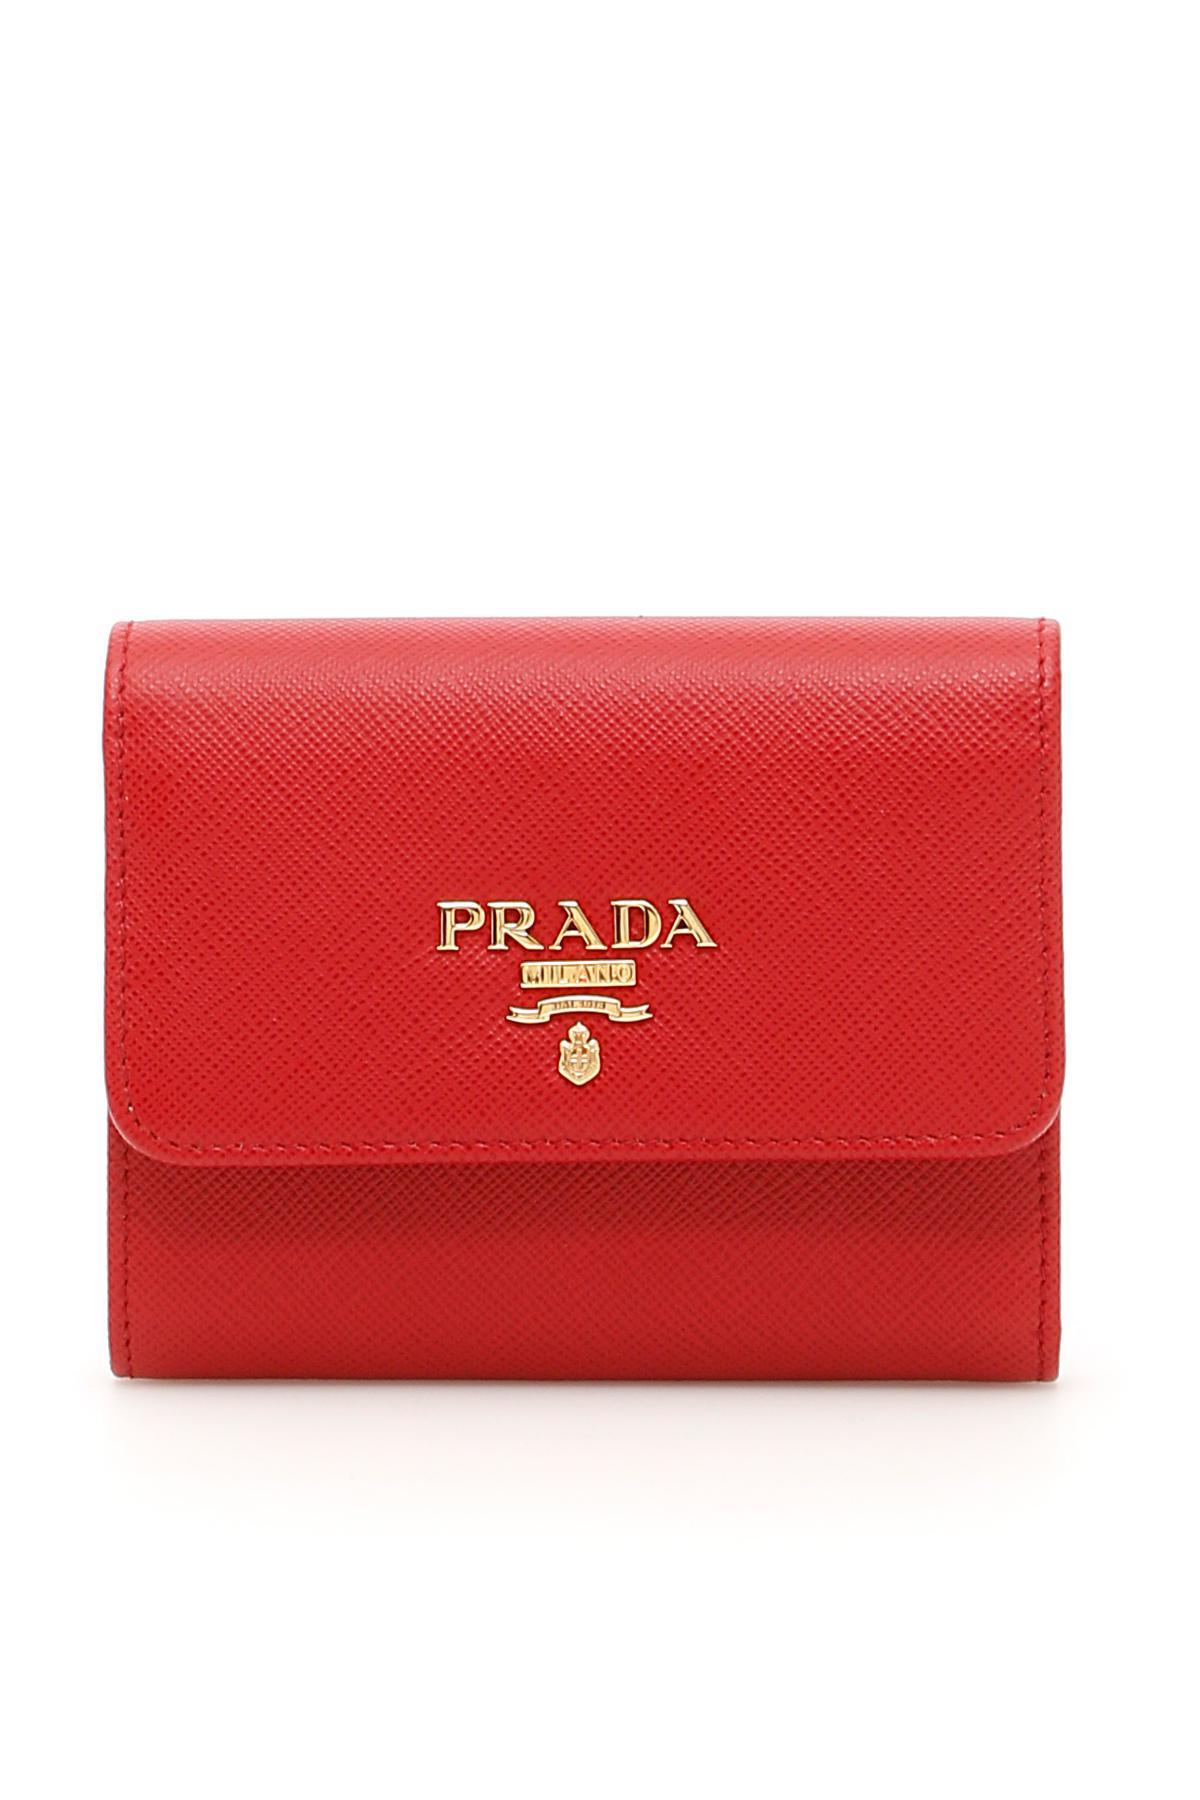 beb70b6e3aa4 Lyst - Prada Flap Wallet in Red